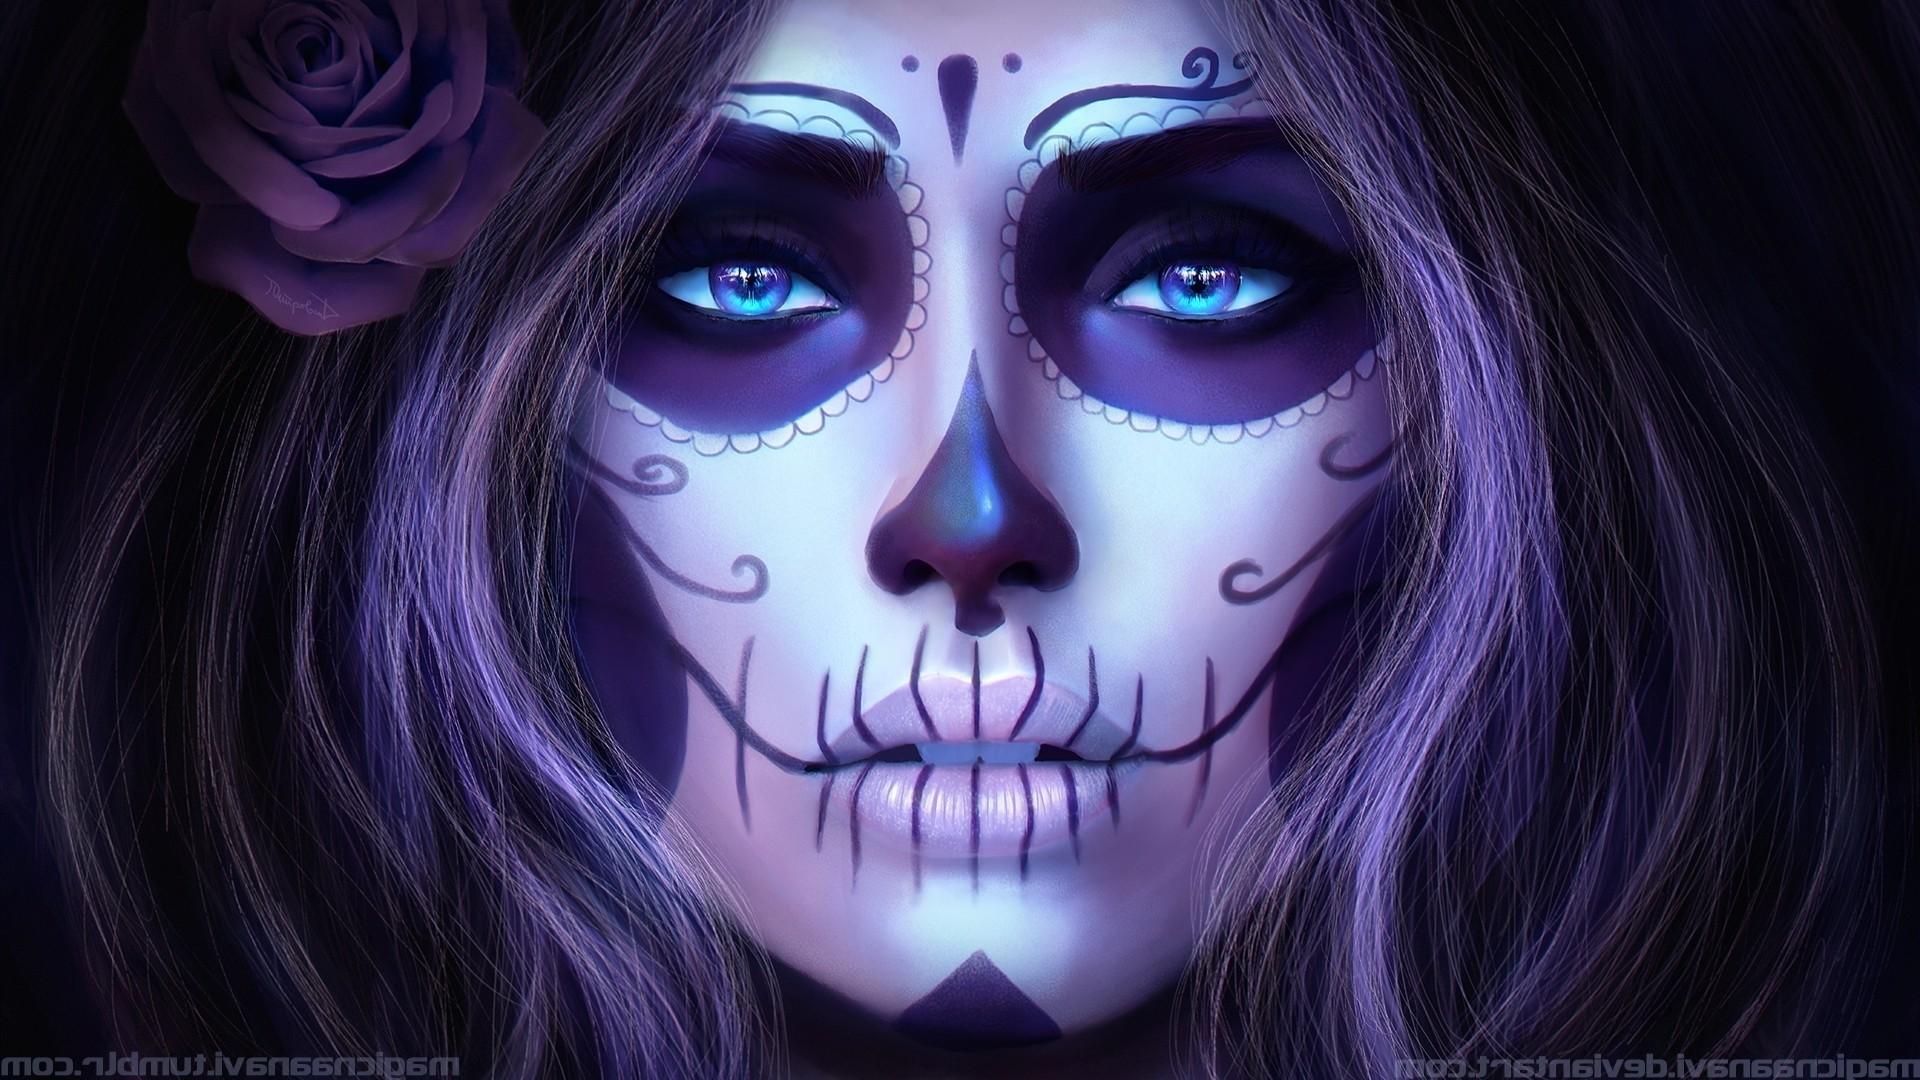 Sugar Skull Image